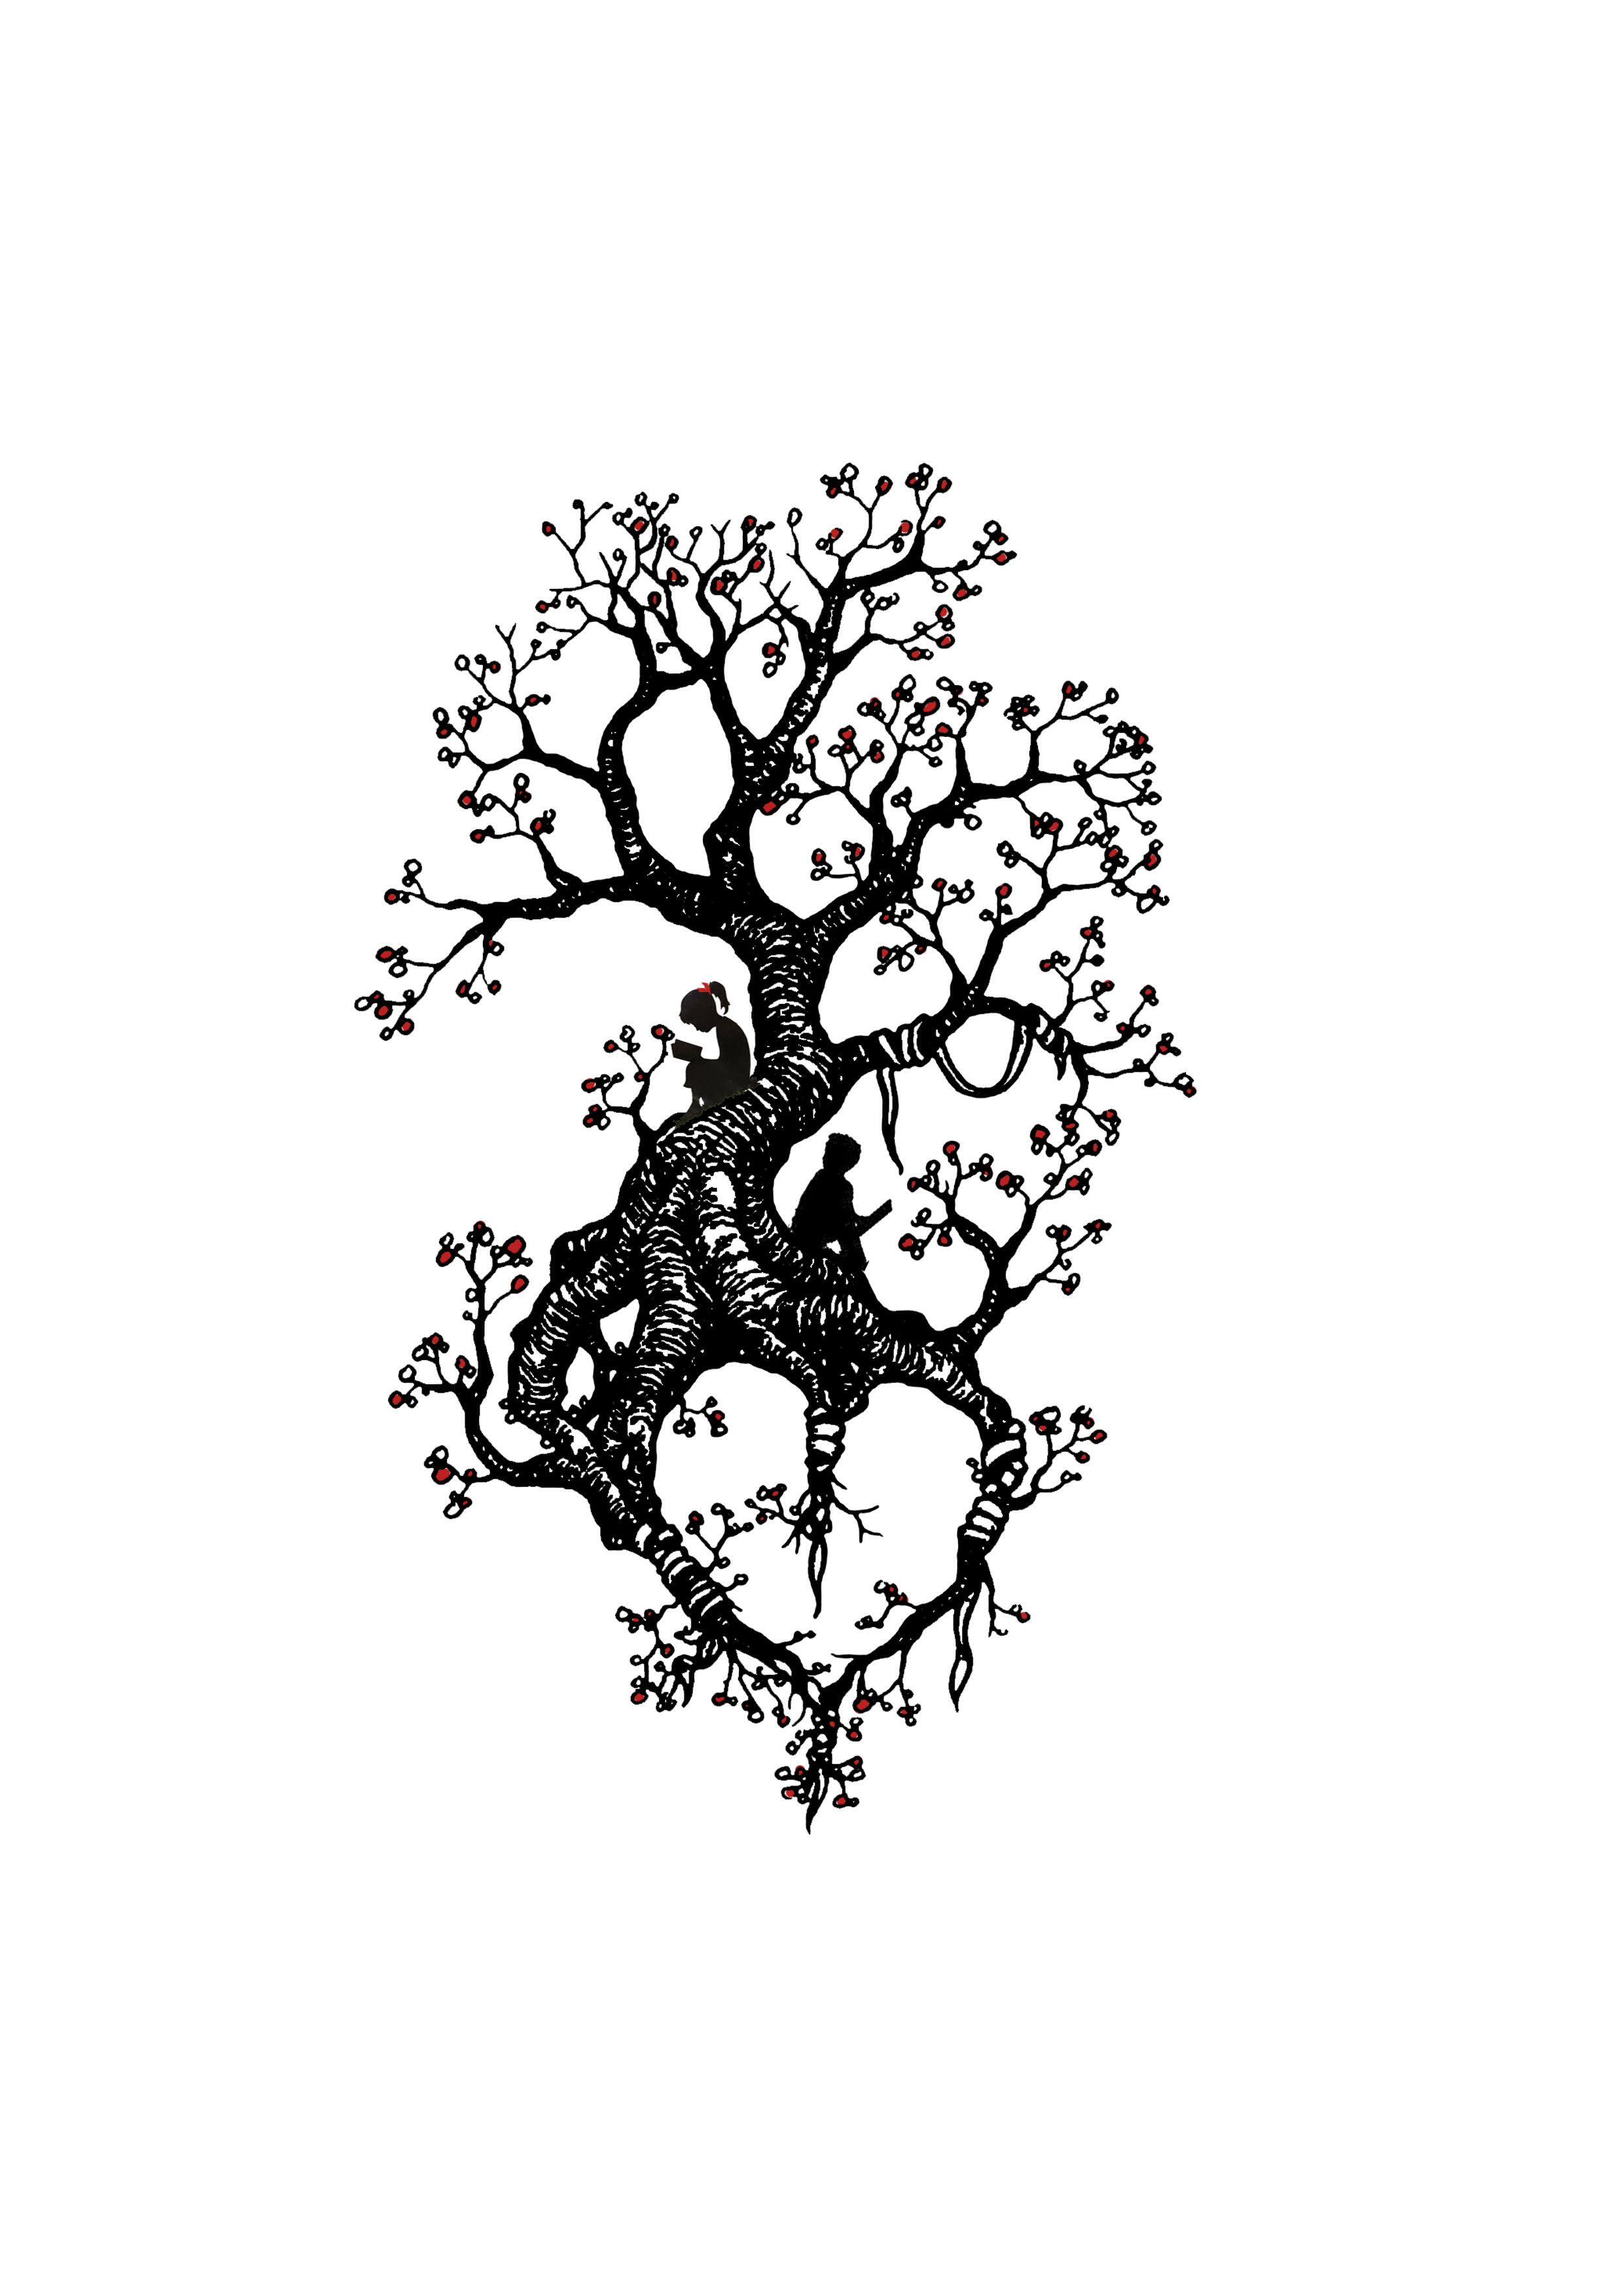 tree tattoo design with kids reading | tattoo ideas | pinterest